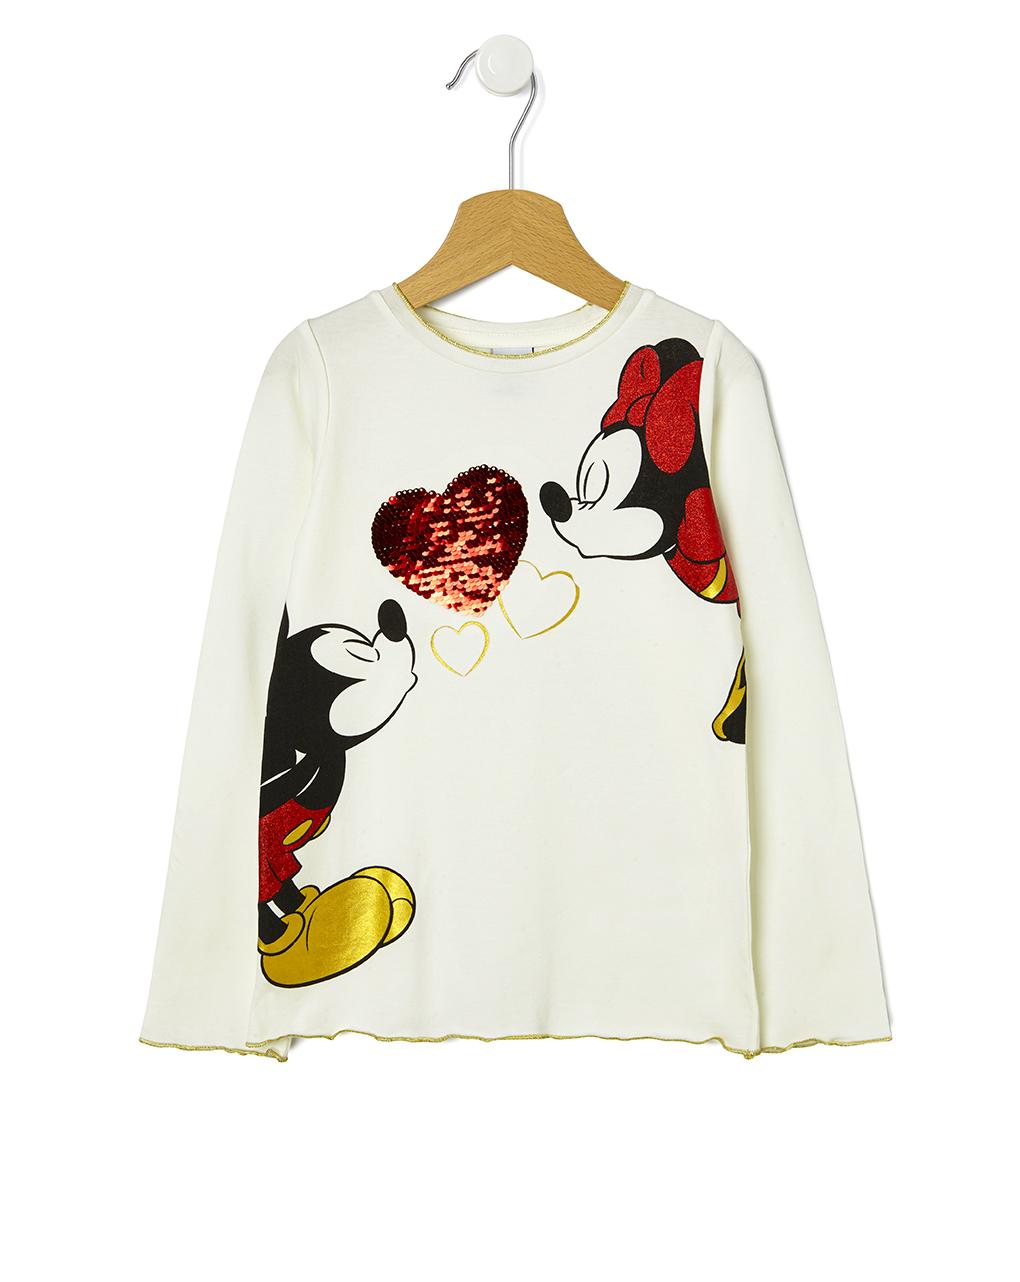 T-shirt Minnie & Mickey για Κορίτσι